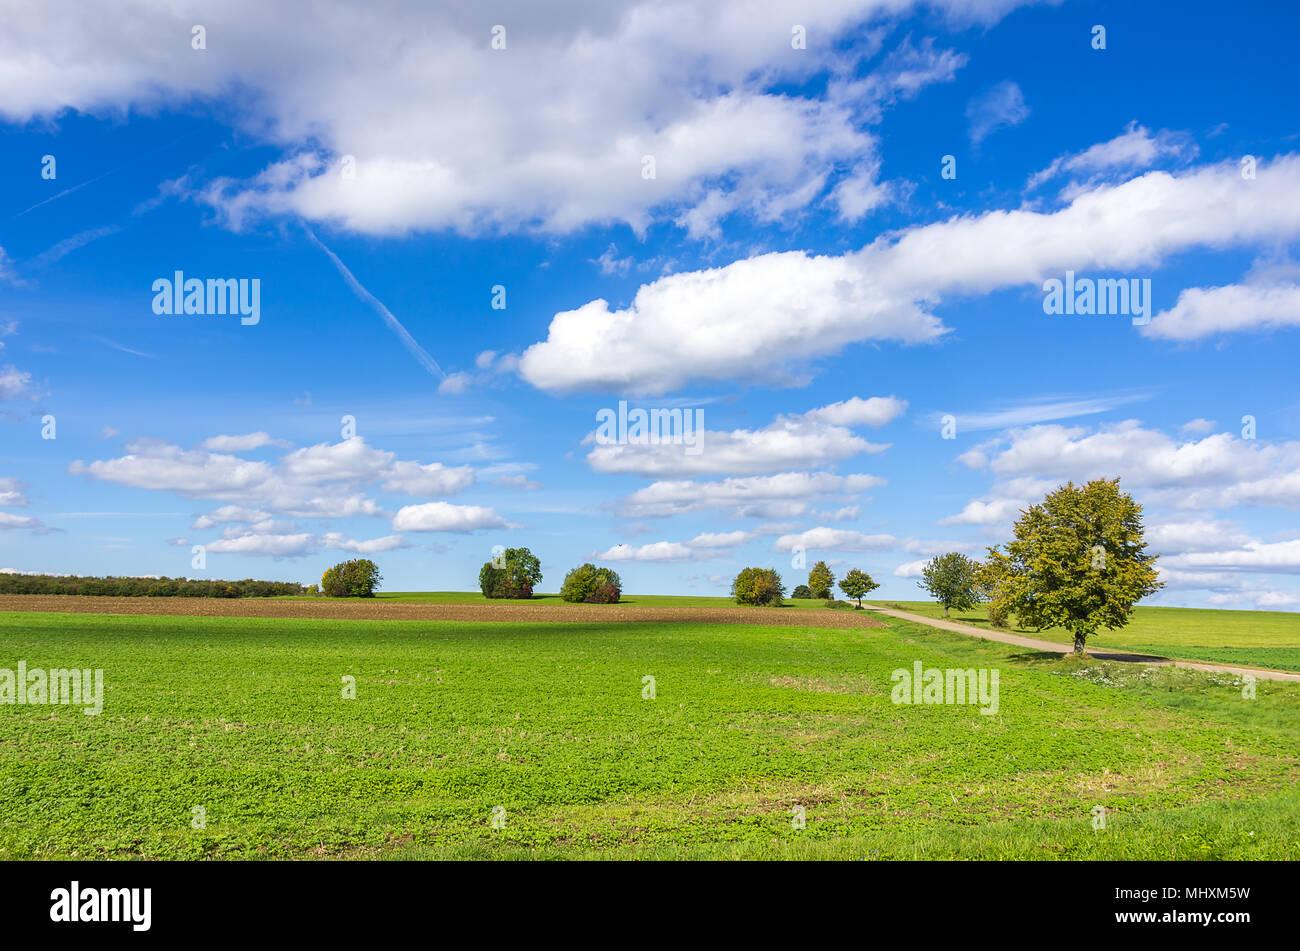 Einfache Landschaft im ländlichen Raum bei bewölktem blauen Sommerhimmel über die Schwäbische Alb, Württemberg, Deutschland. Einfache Landschaft unter blauem bewölktem Sommerhim Stockfoto